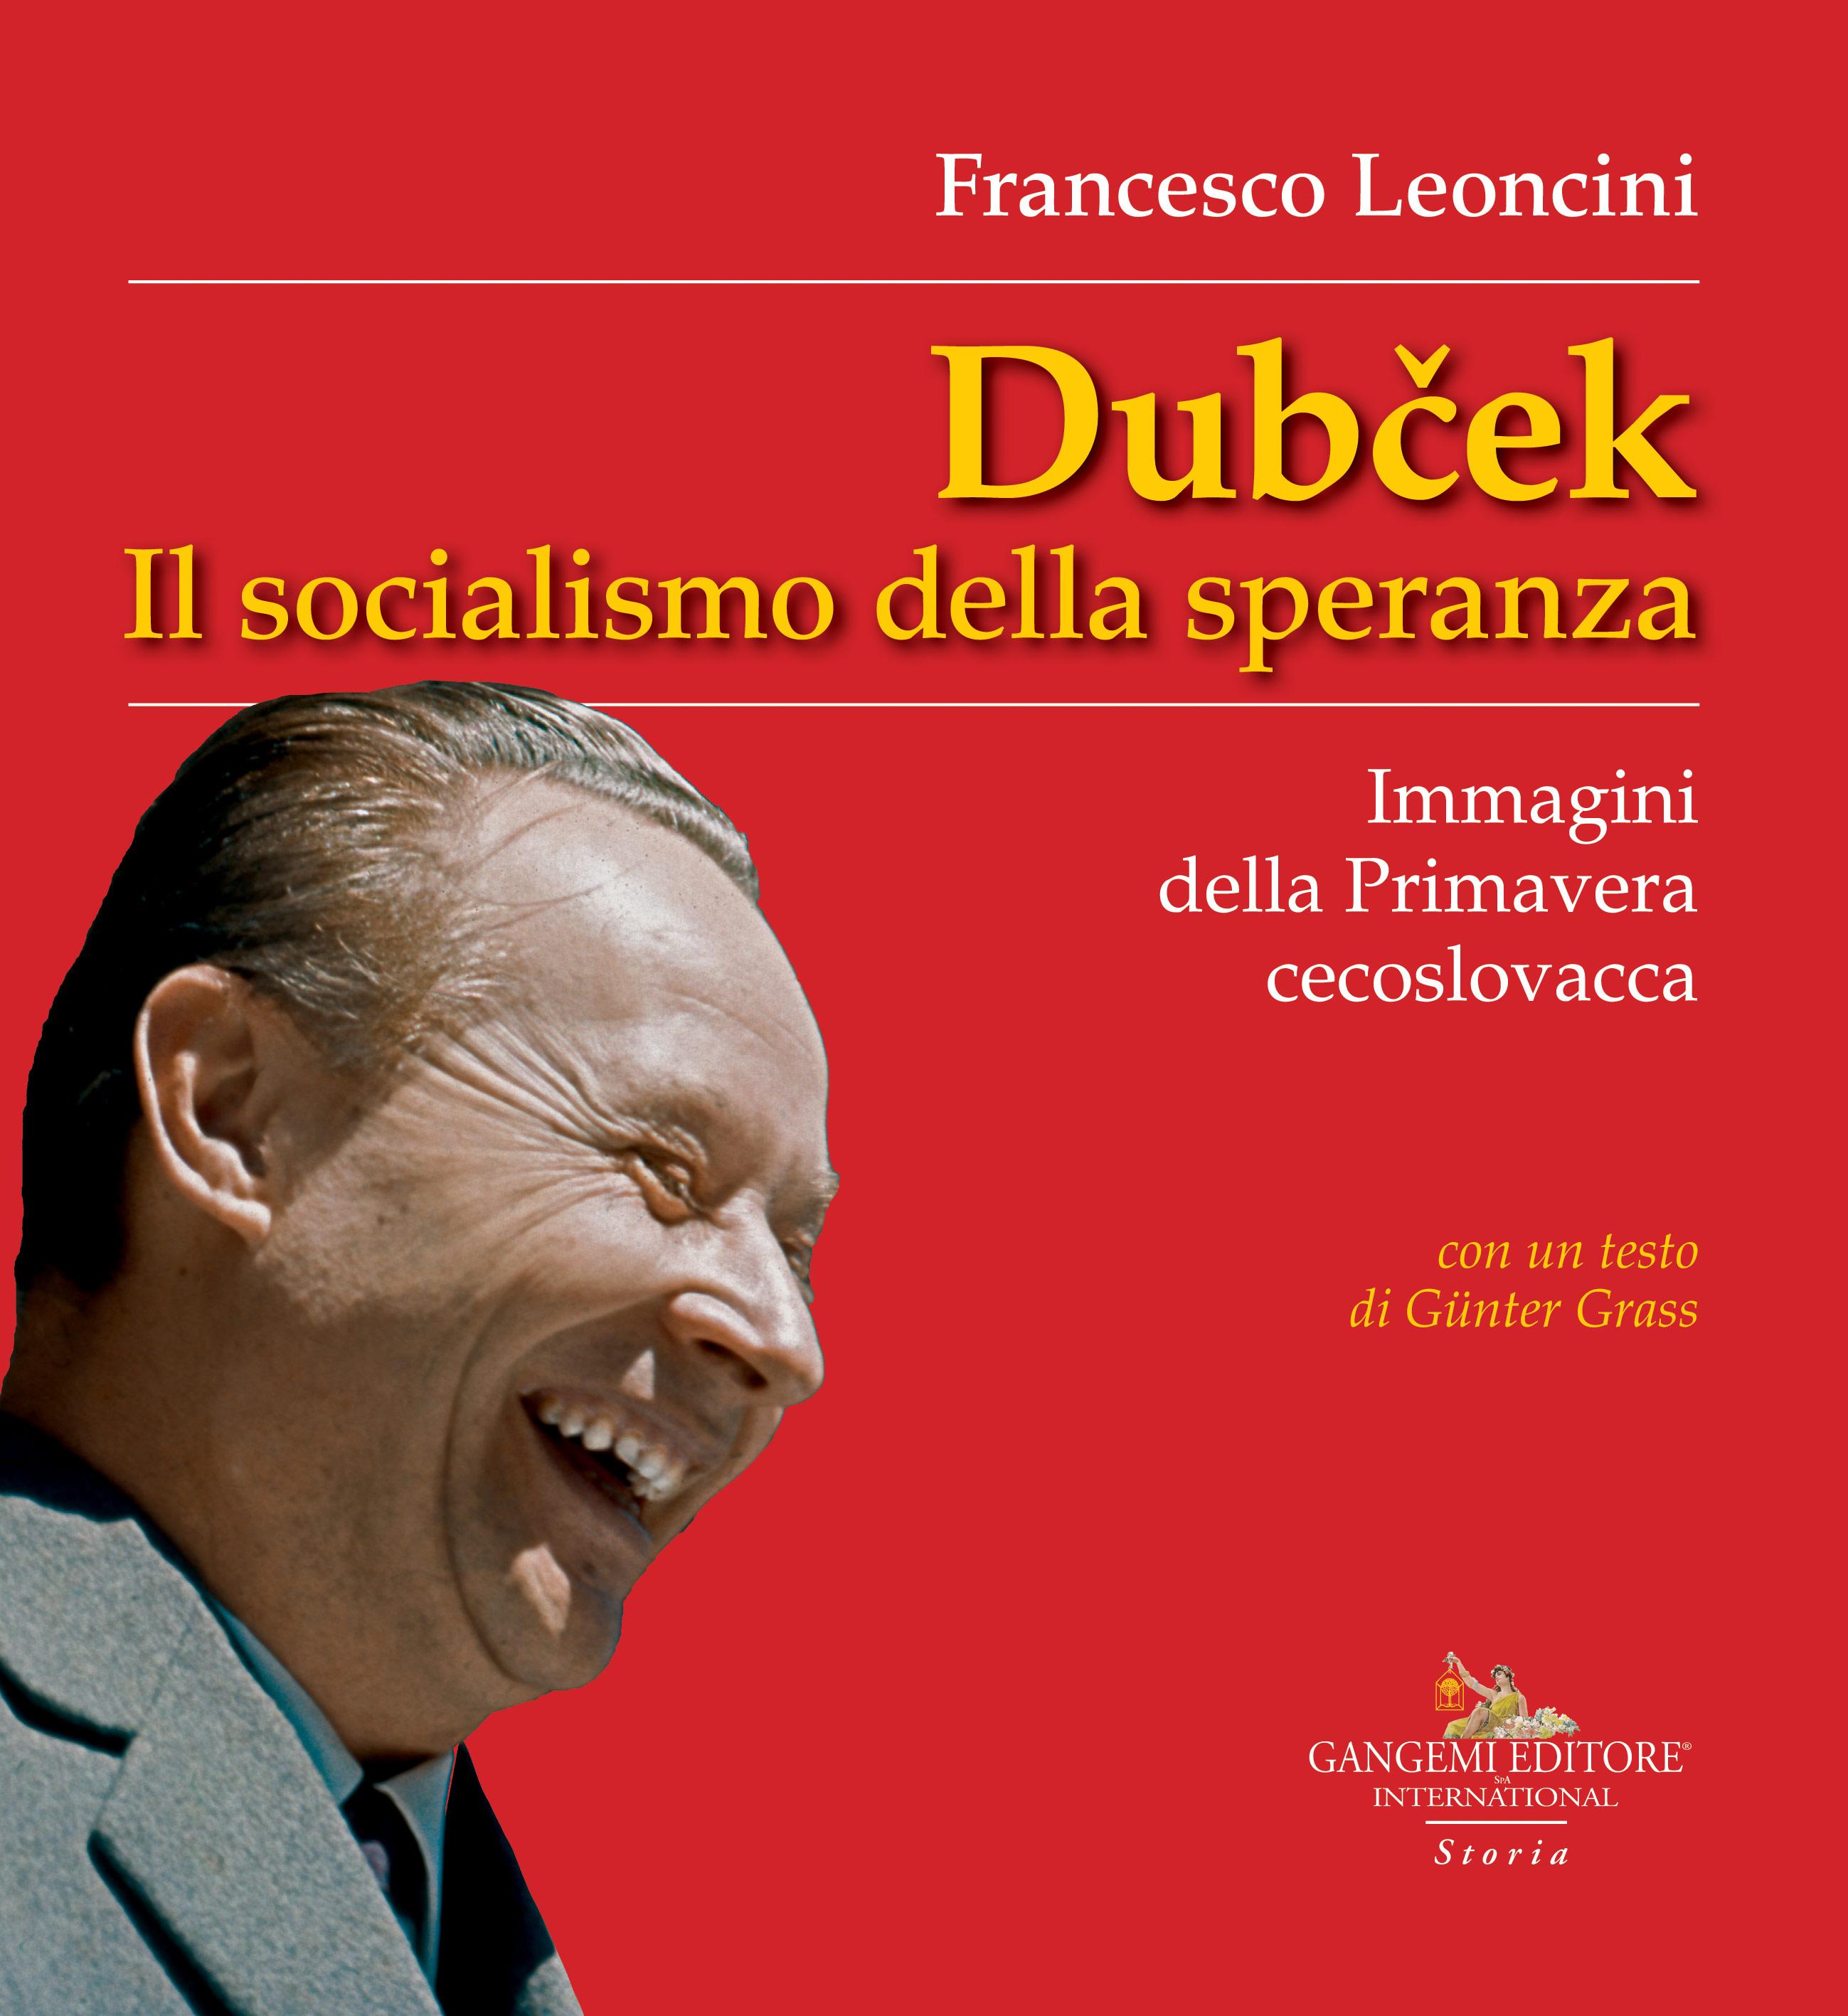 Immagine della copertina del volume Dubcek. Il socialismo della speranza. Immagini della Primavera cecoslovacca di Francesco Leoncini,